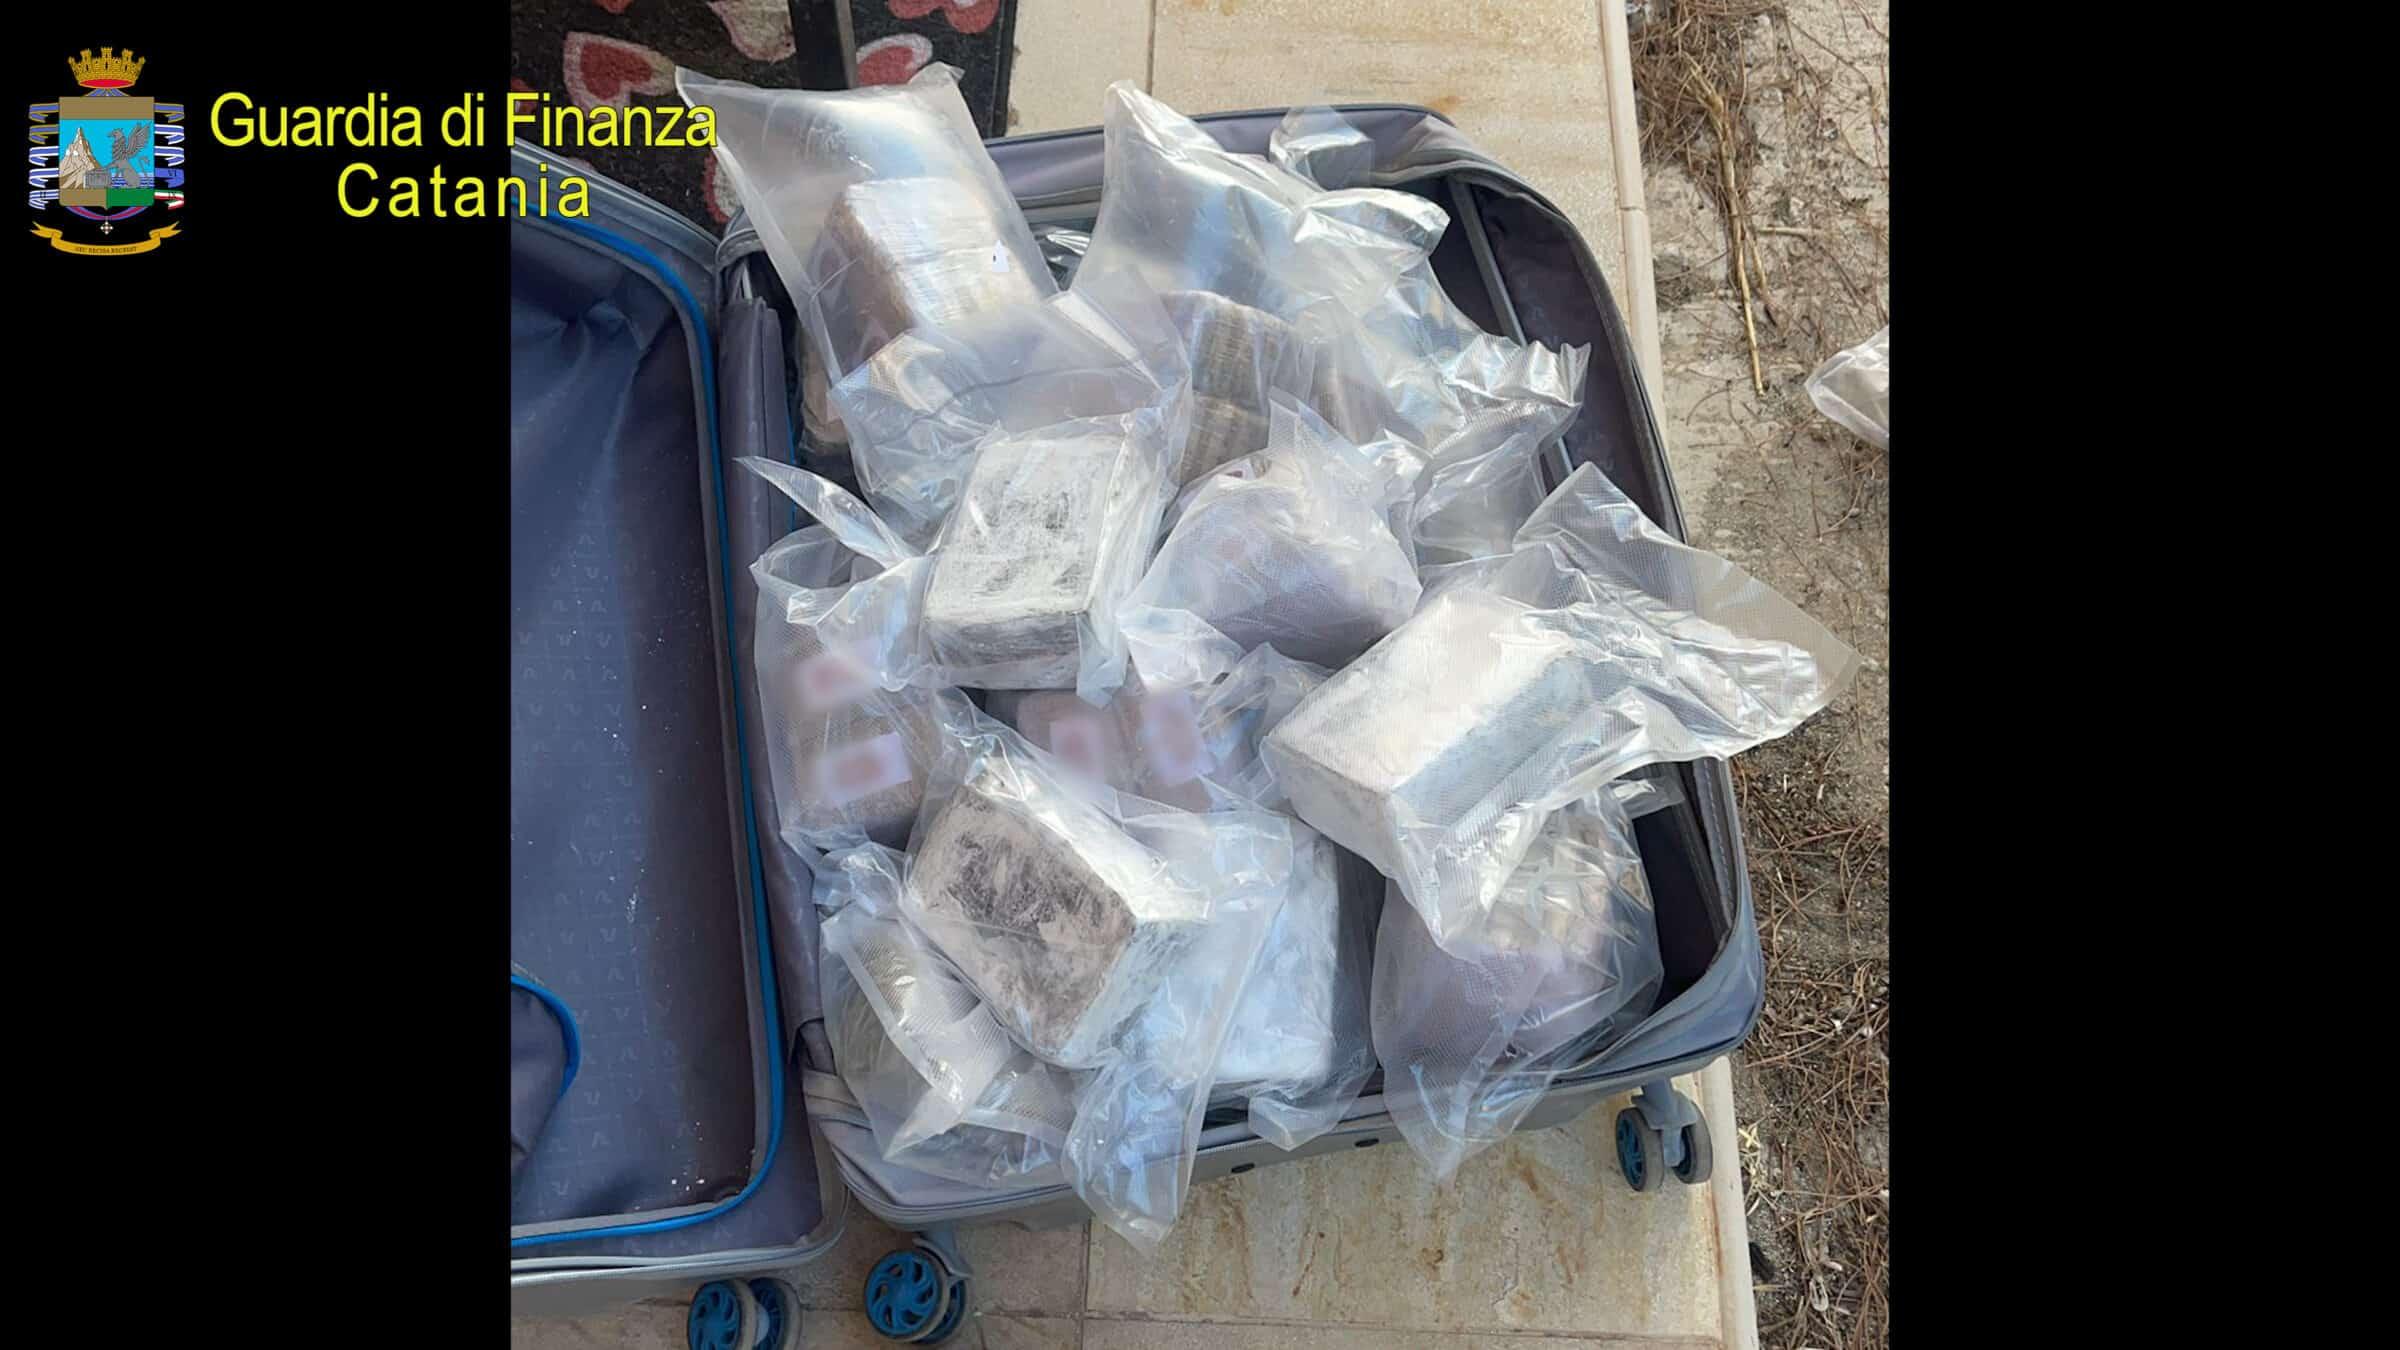 Traffico internazionale di droga, hashish e cocaina dalla Spagna alla Sicilia: 3 arresti